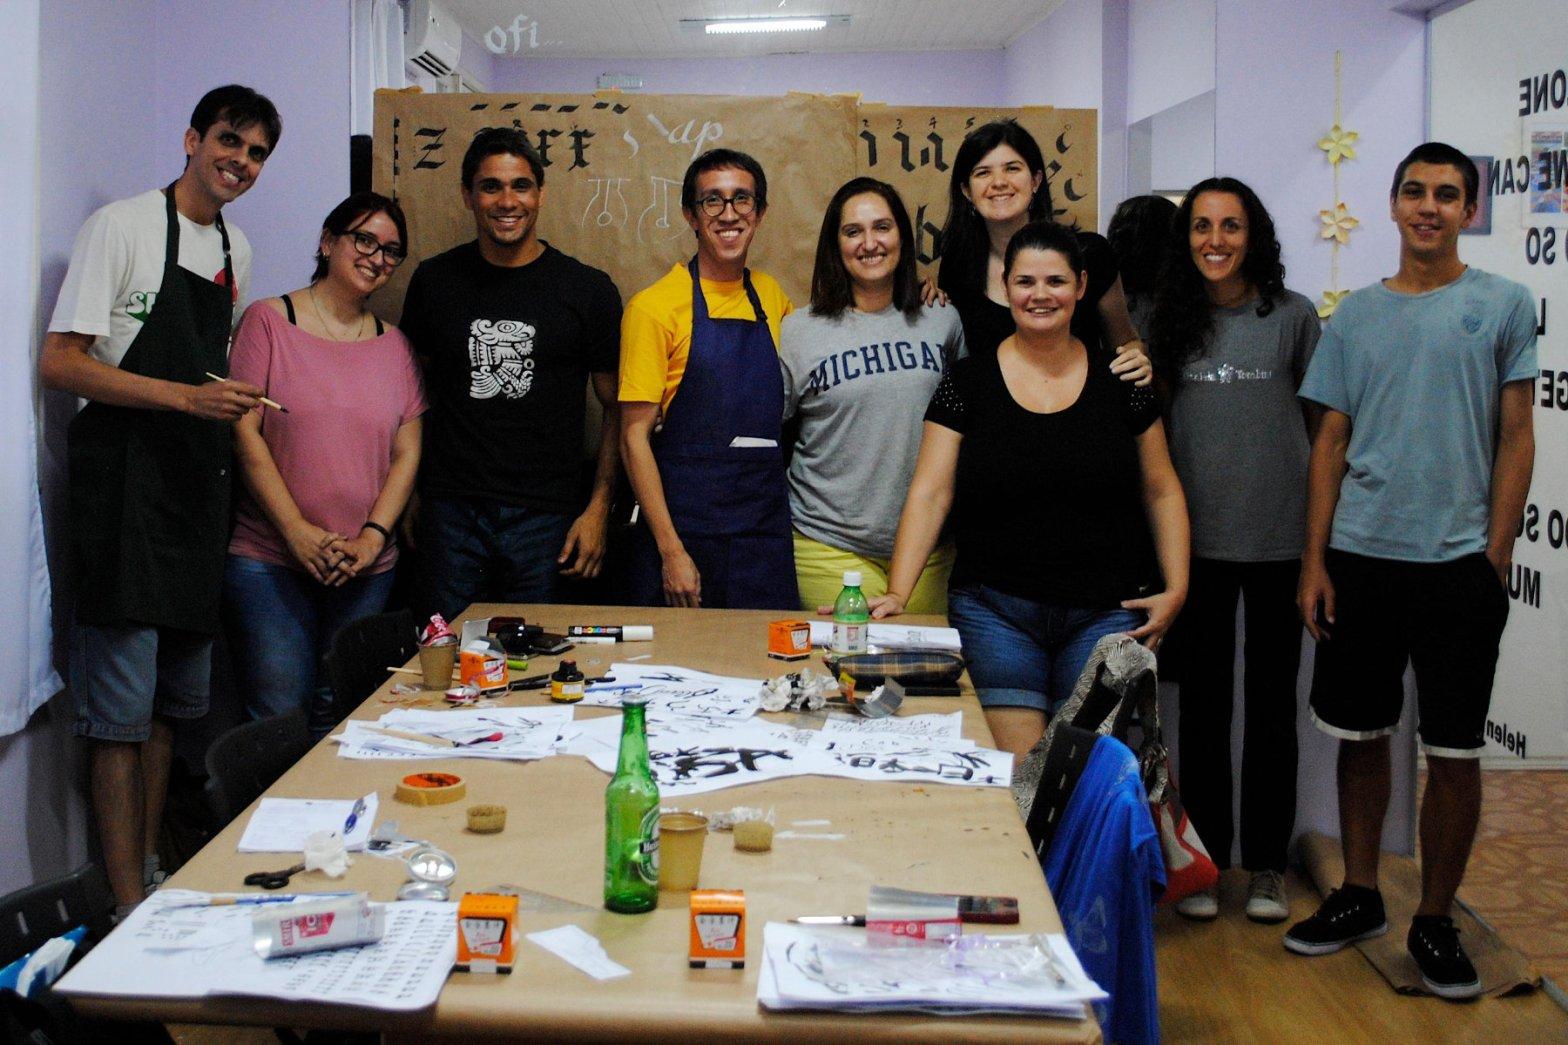 Foto com oito participantes da oficina Caligrafia Livre na sala do Simbiose Coworking